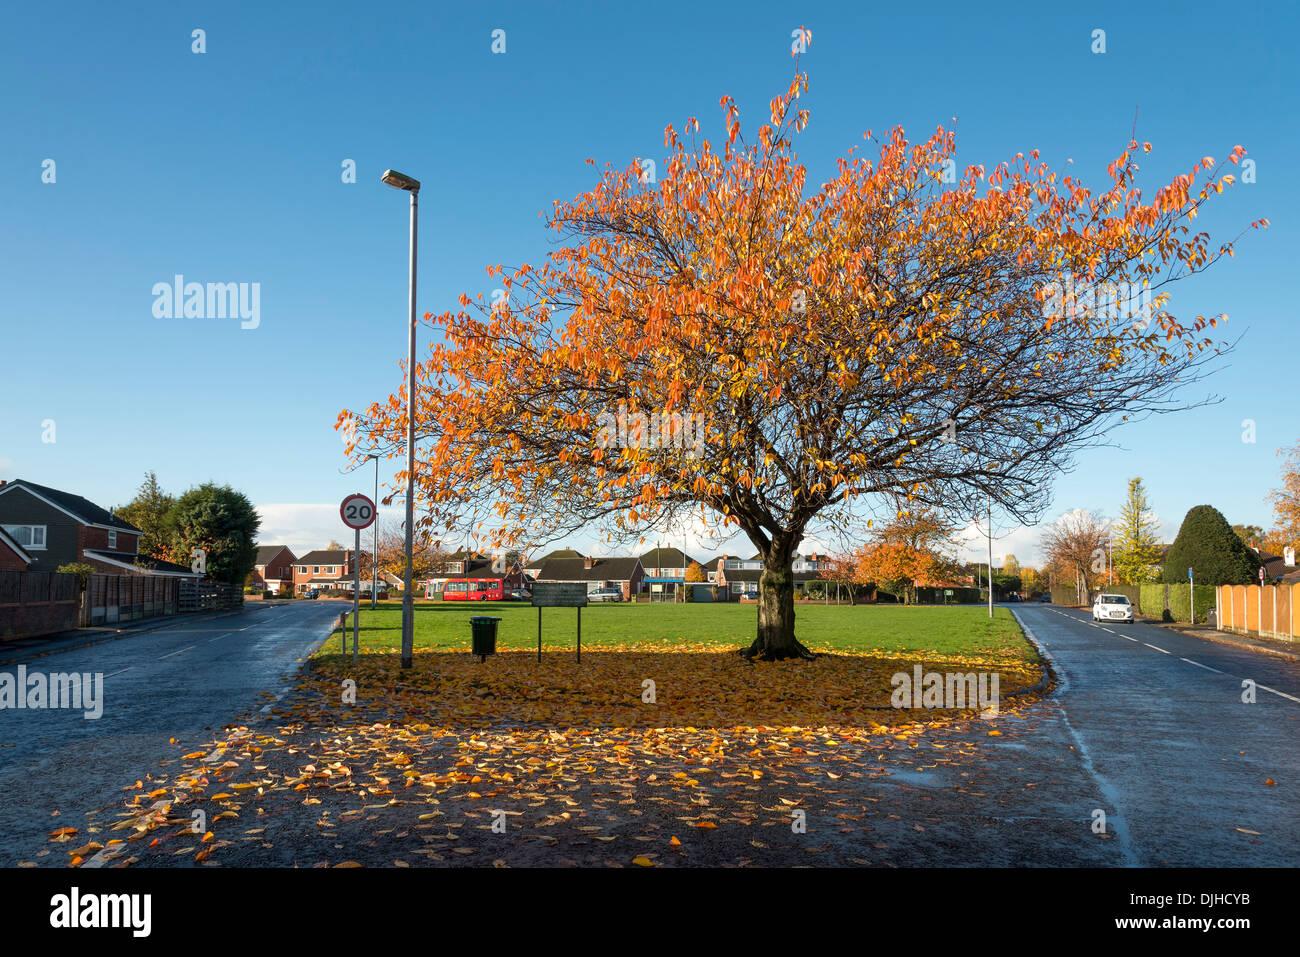 Bluhende Kirschbaume Baum Verliert Blatter Im Herbst Stockfoto Bild